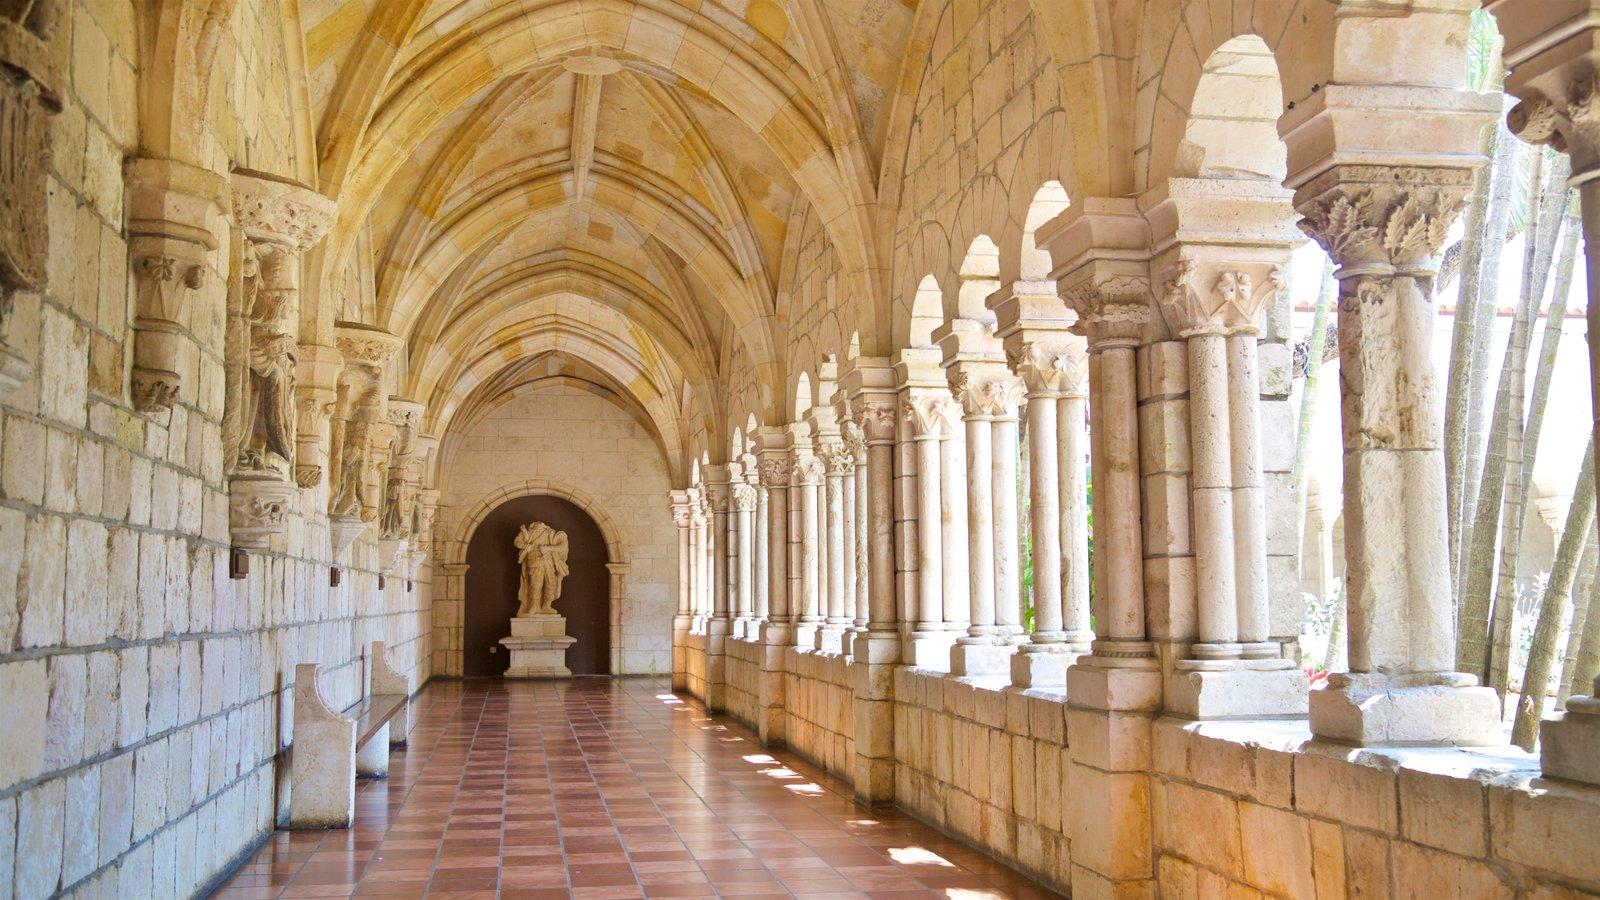 Antiguo Monasterio Español que incluye elementos del patrimonio y vistas interiores